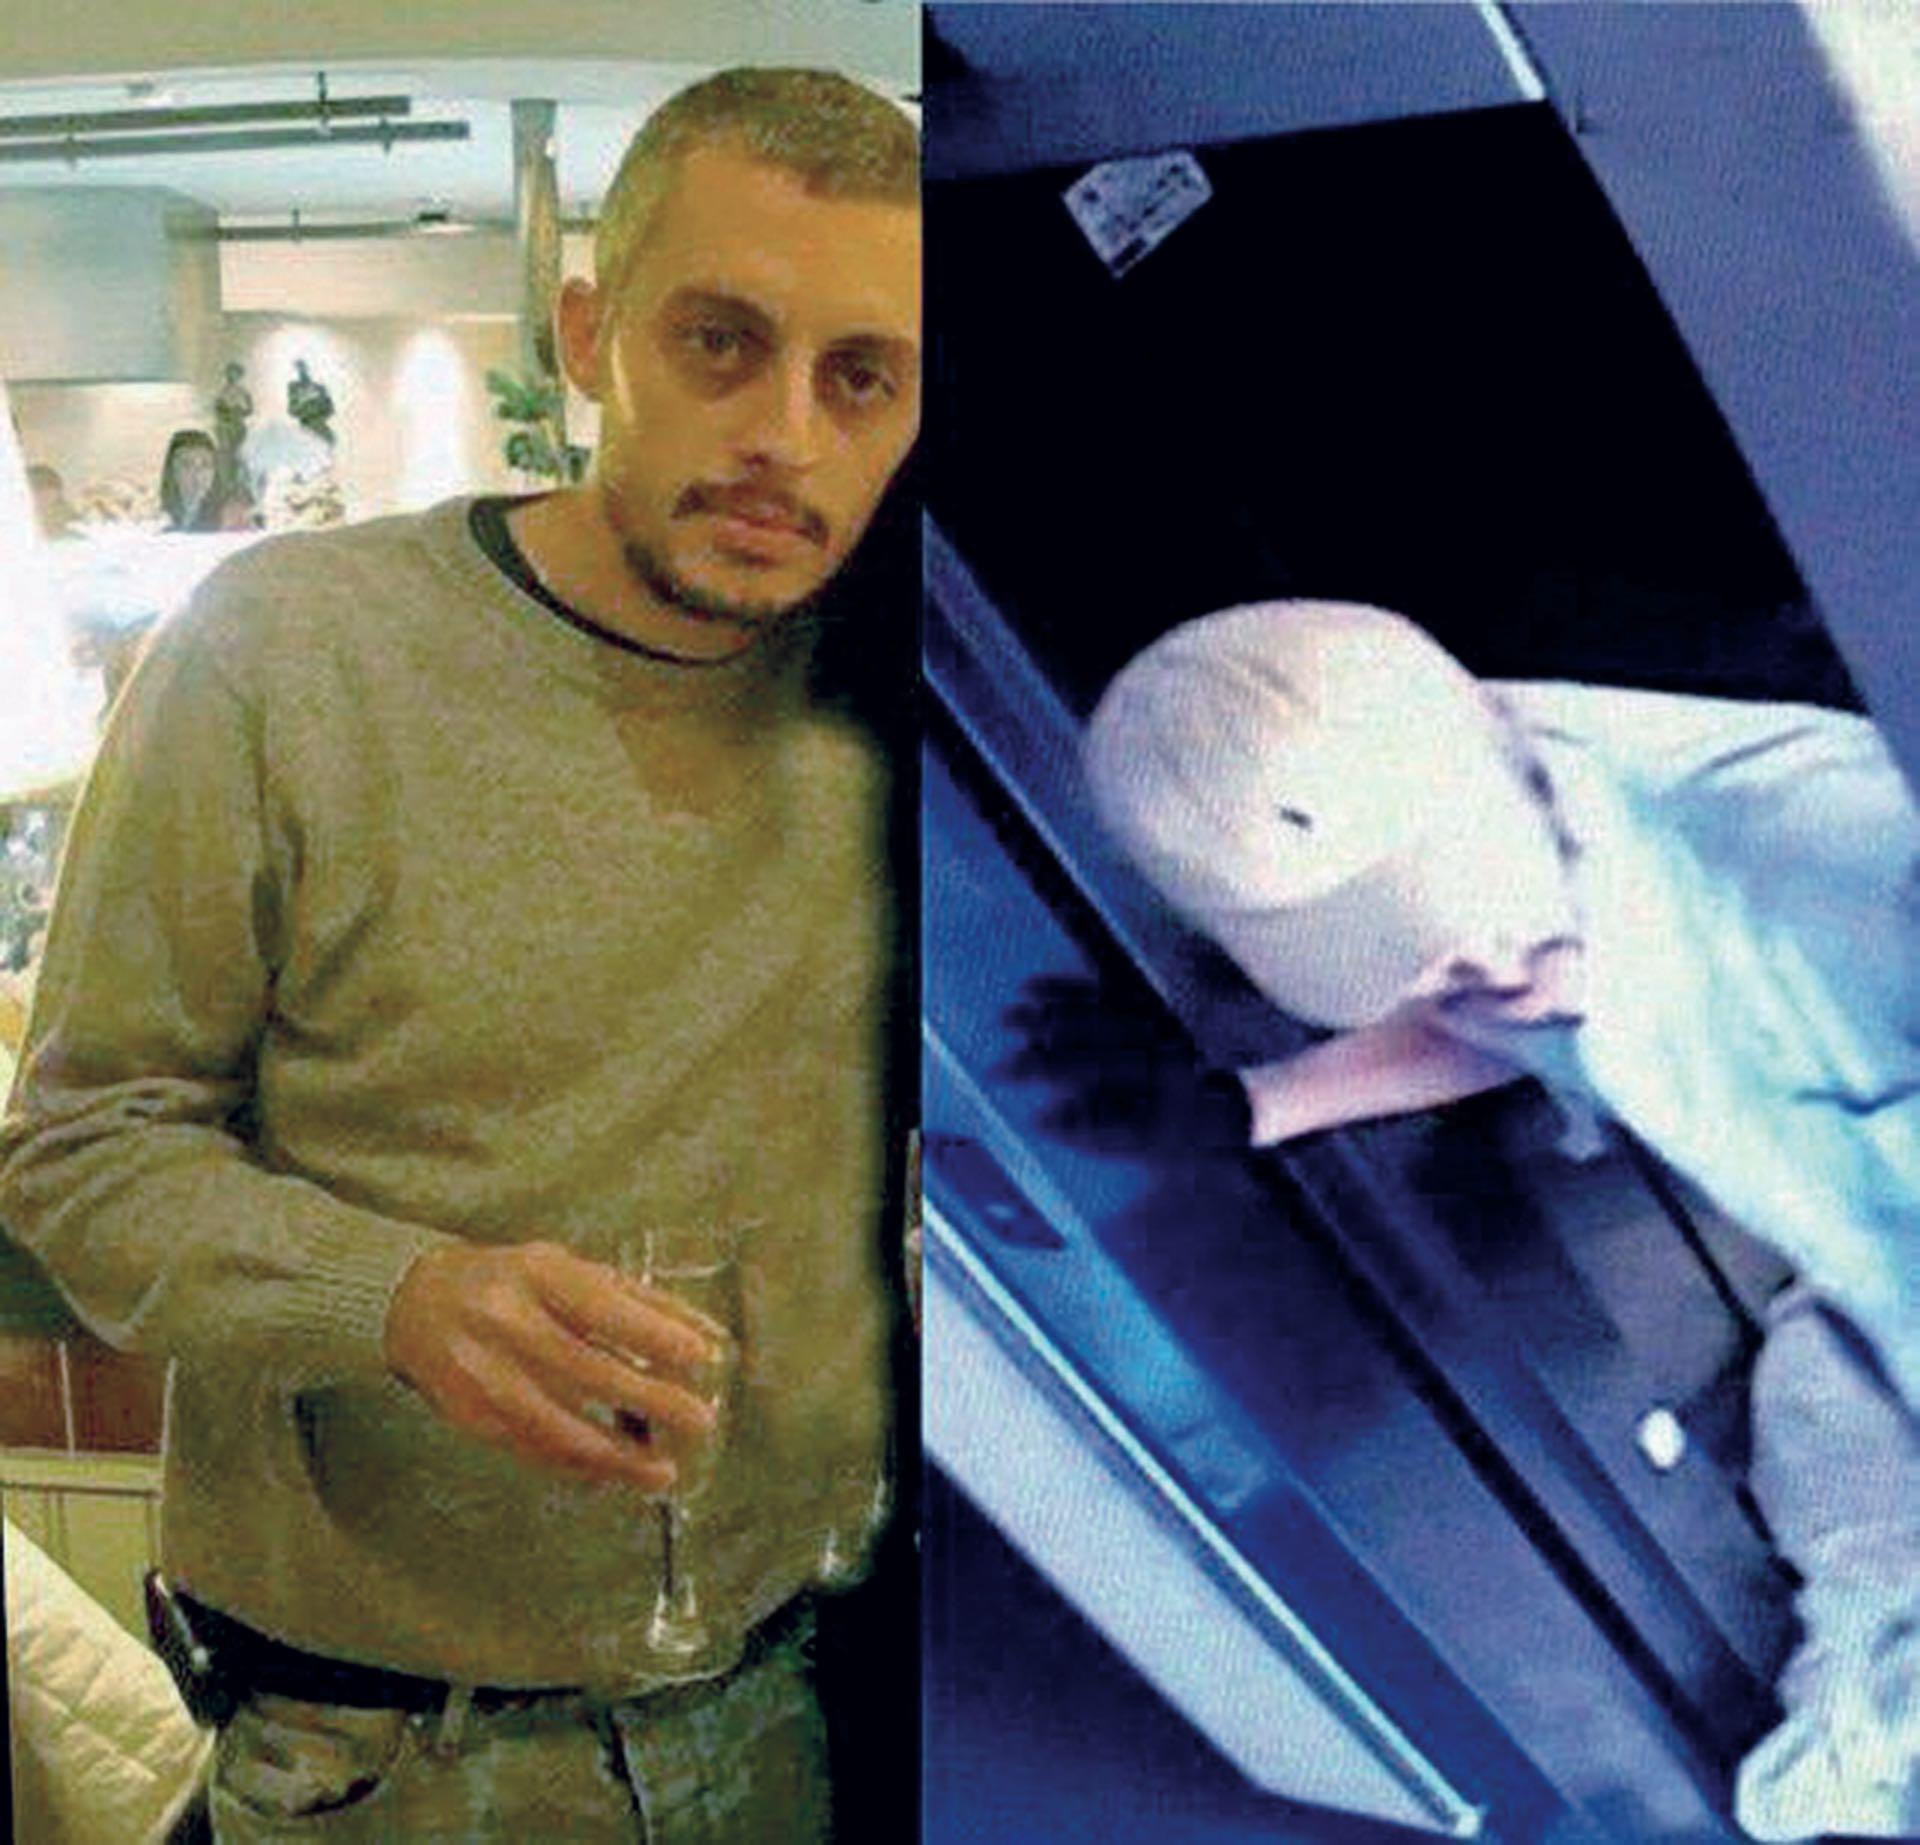 El trabajo de los investigadores de comparación y reconocimiento de Santiago Corona en las cámaras de seguridad del edificio donde se lo ve saliendo del ascensor, con un guante negro en su mano derecha, para transportar el cuerpo de su suegro.